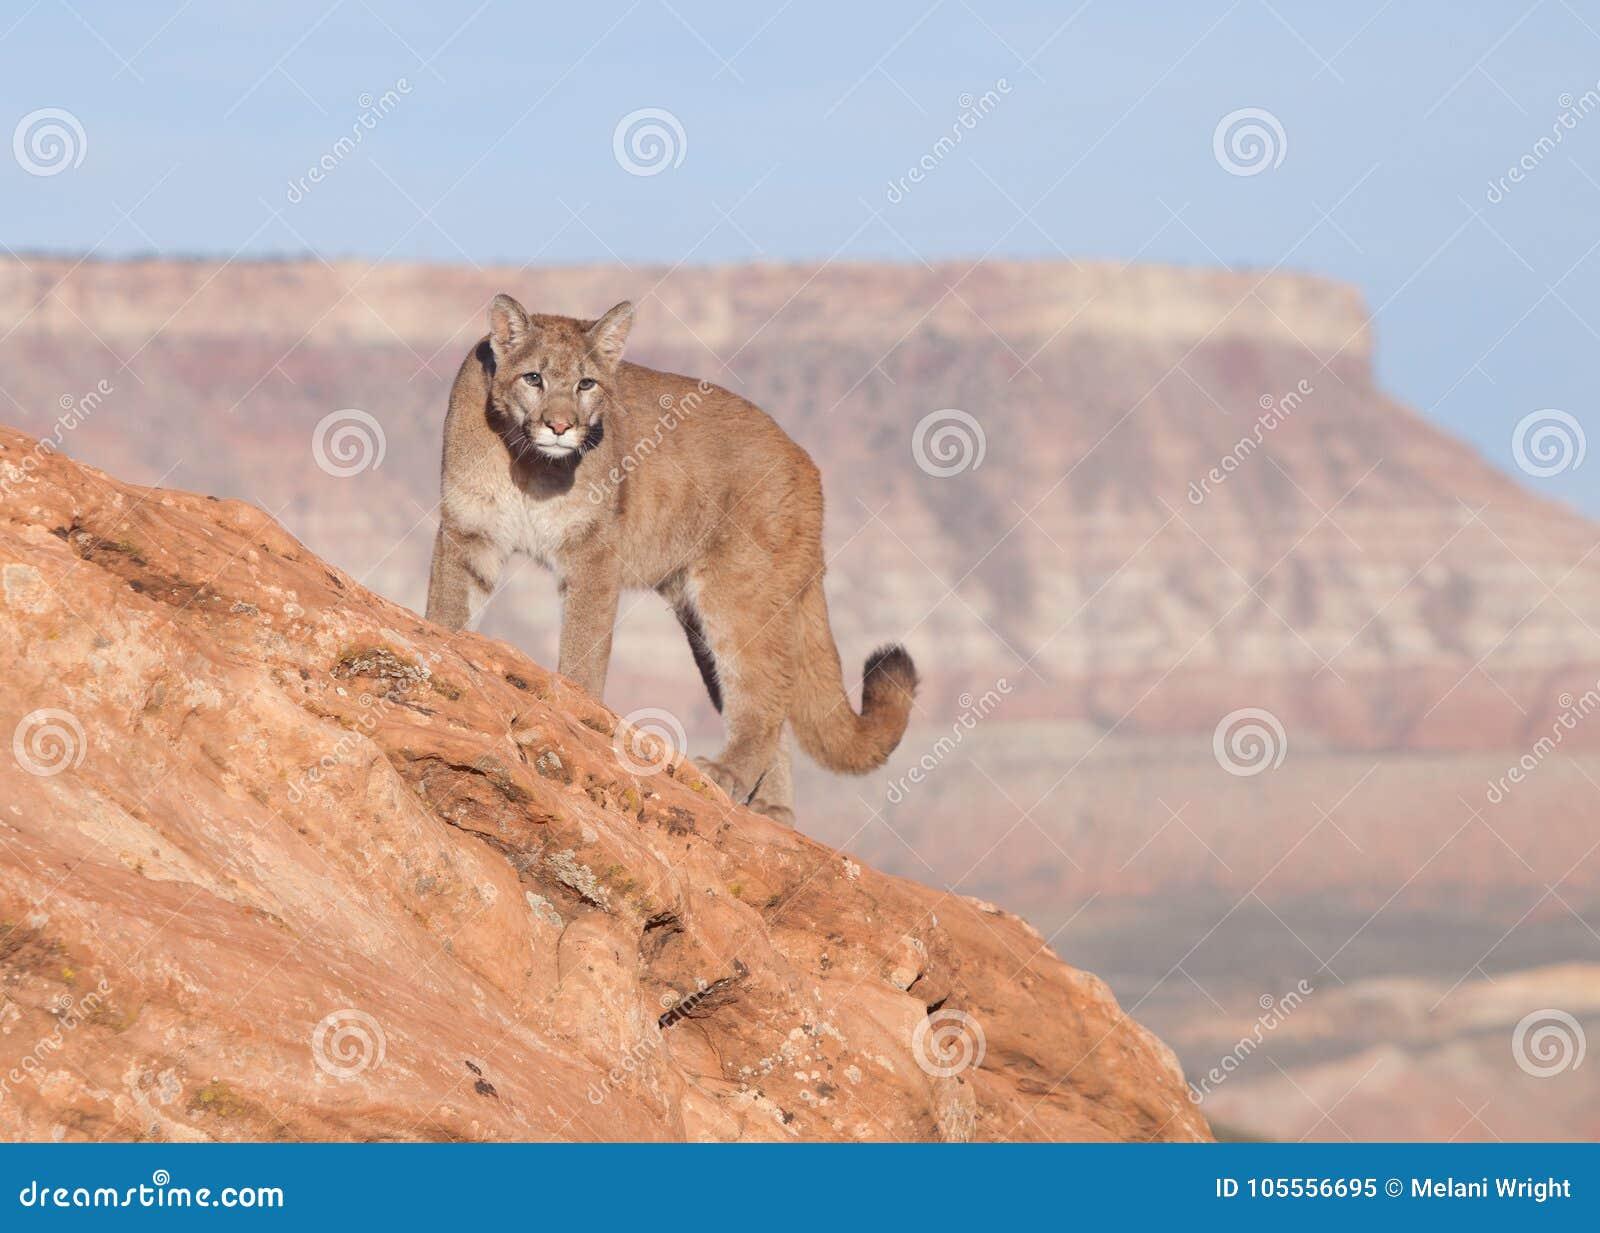 Νέος cougar σε μια κόκκινη κορυφογραμμή βράχου στη νότια Γιούτα